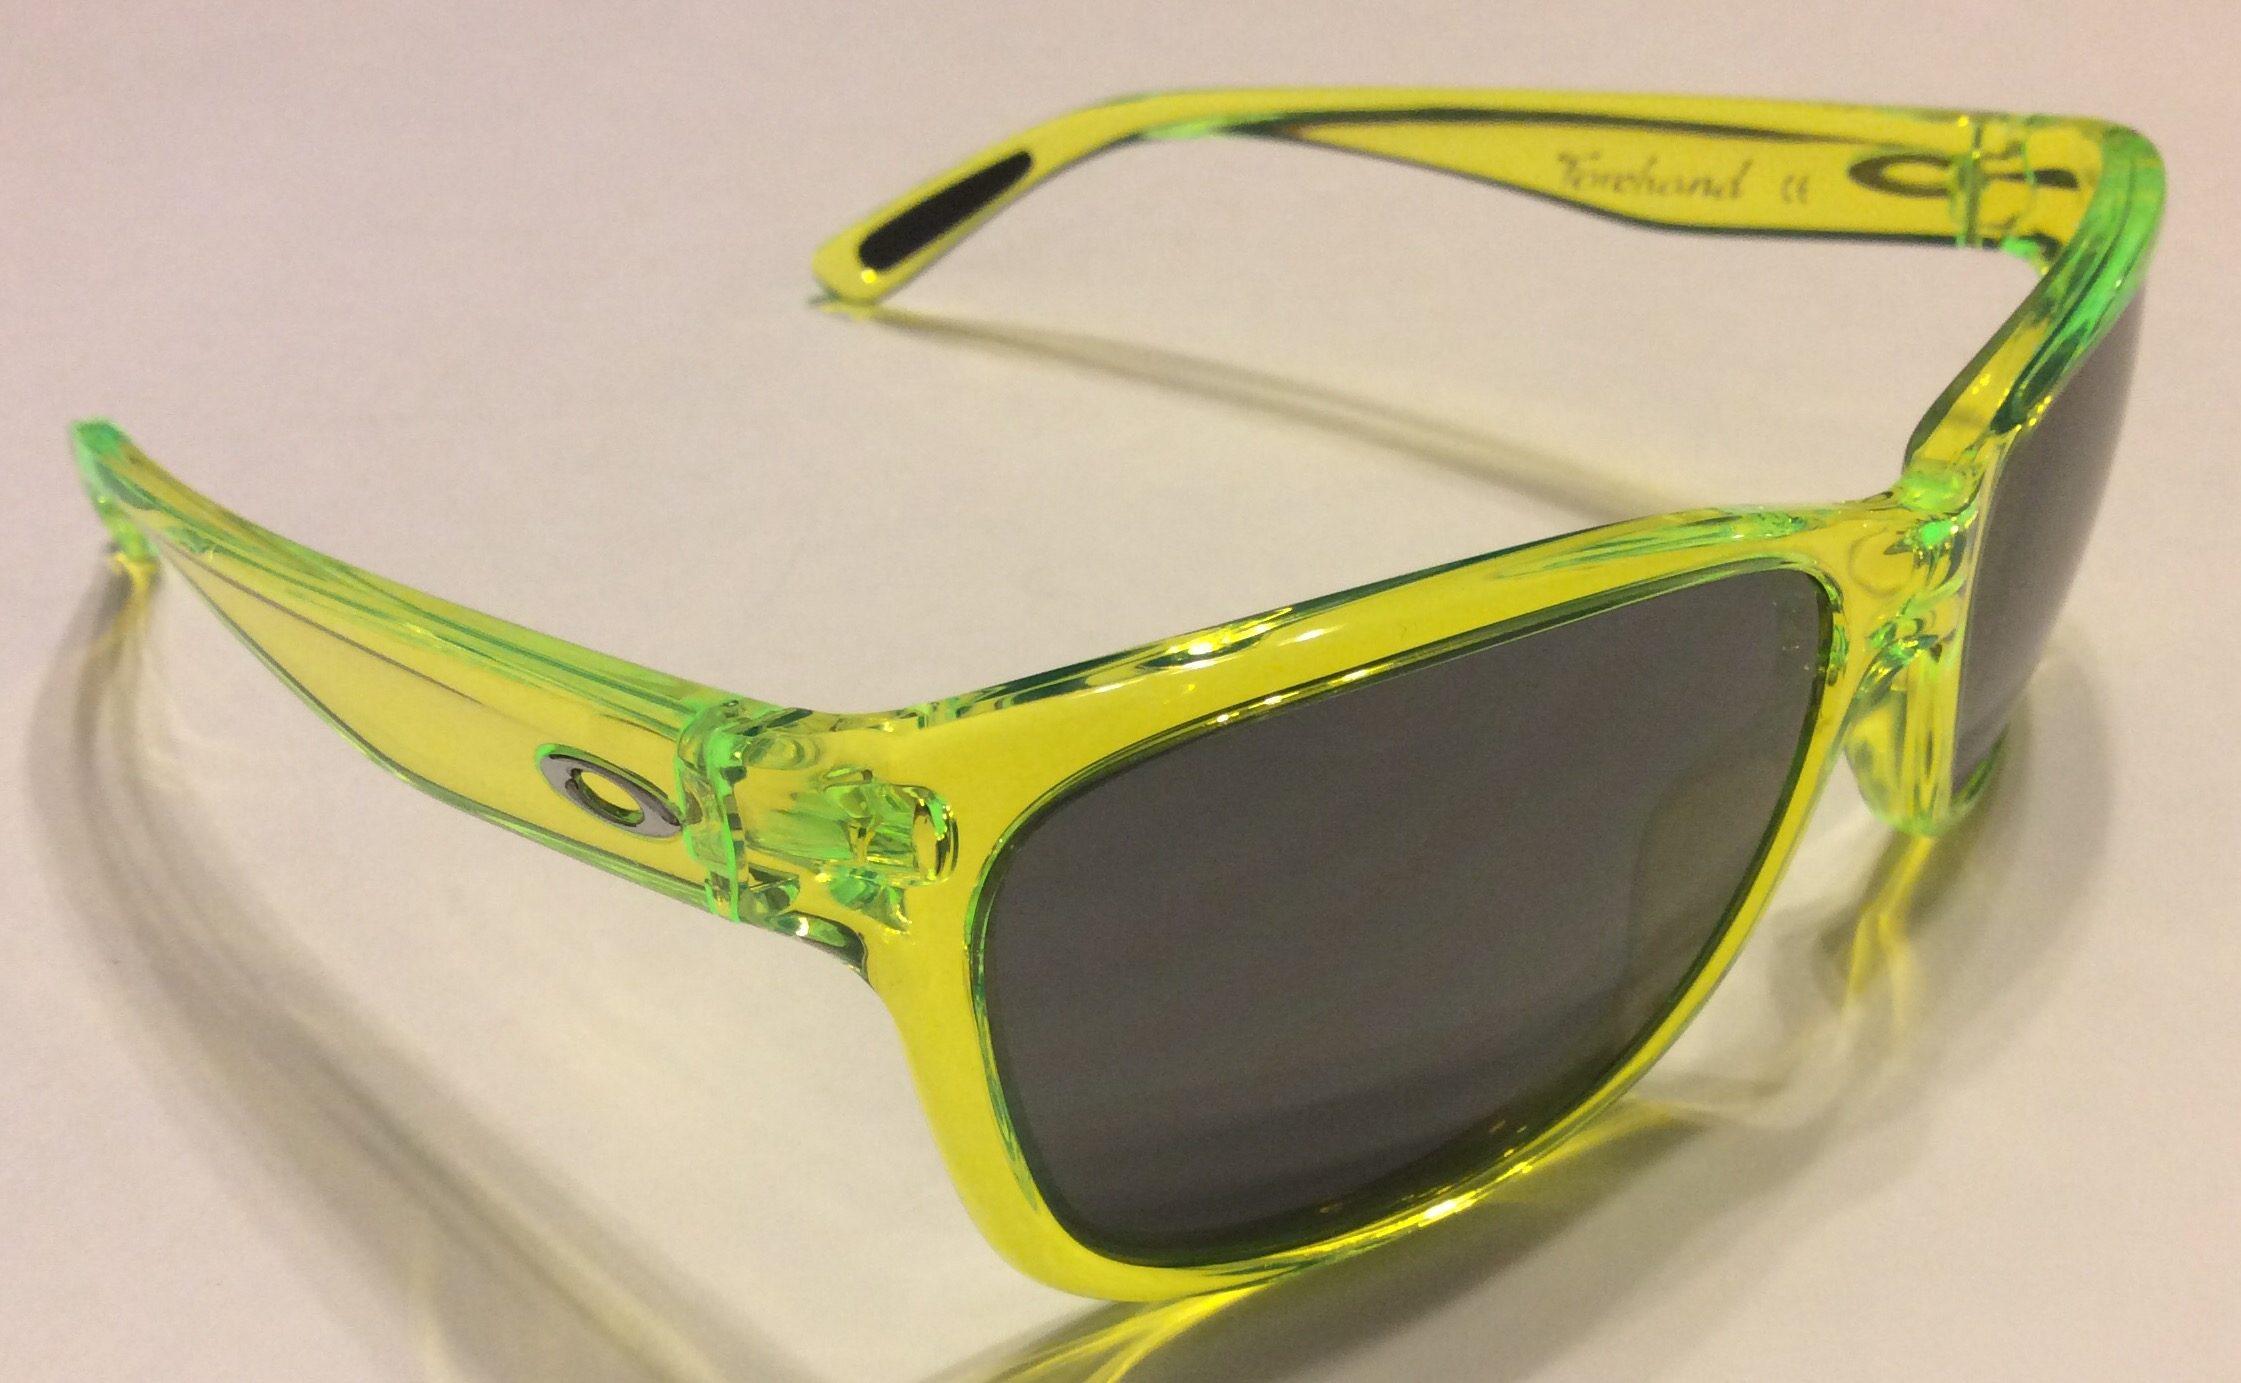 Oakley Forehand Sunglasses - Neon Yellow - Black Iridium OO9179-13